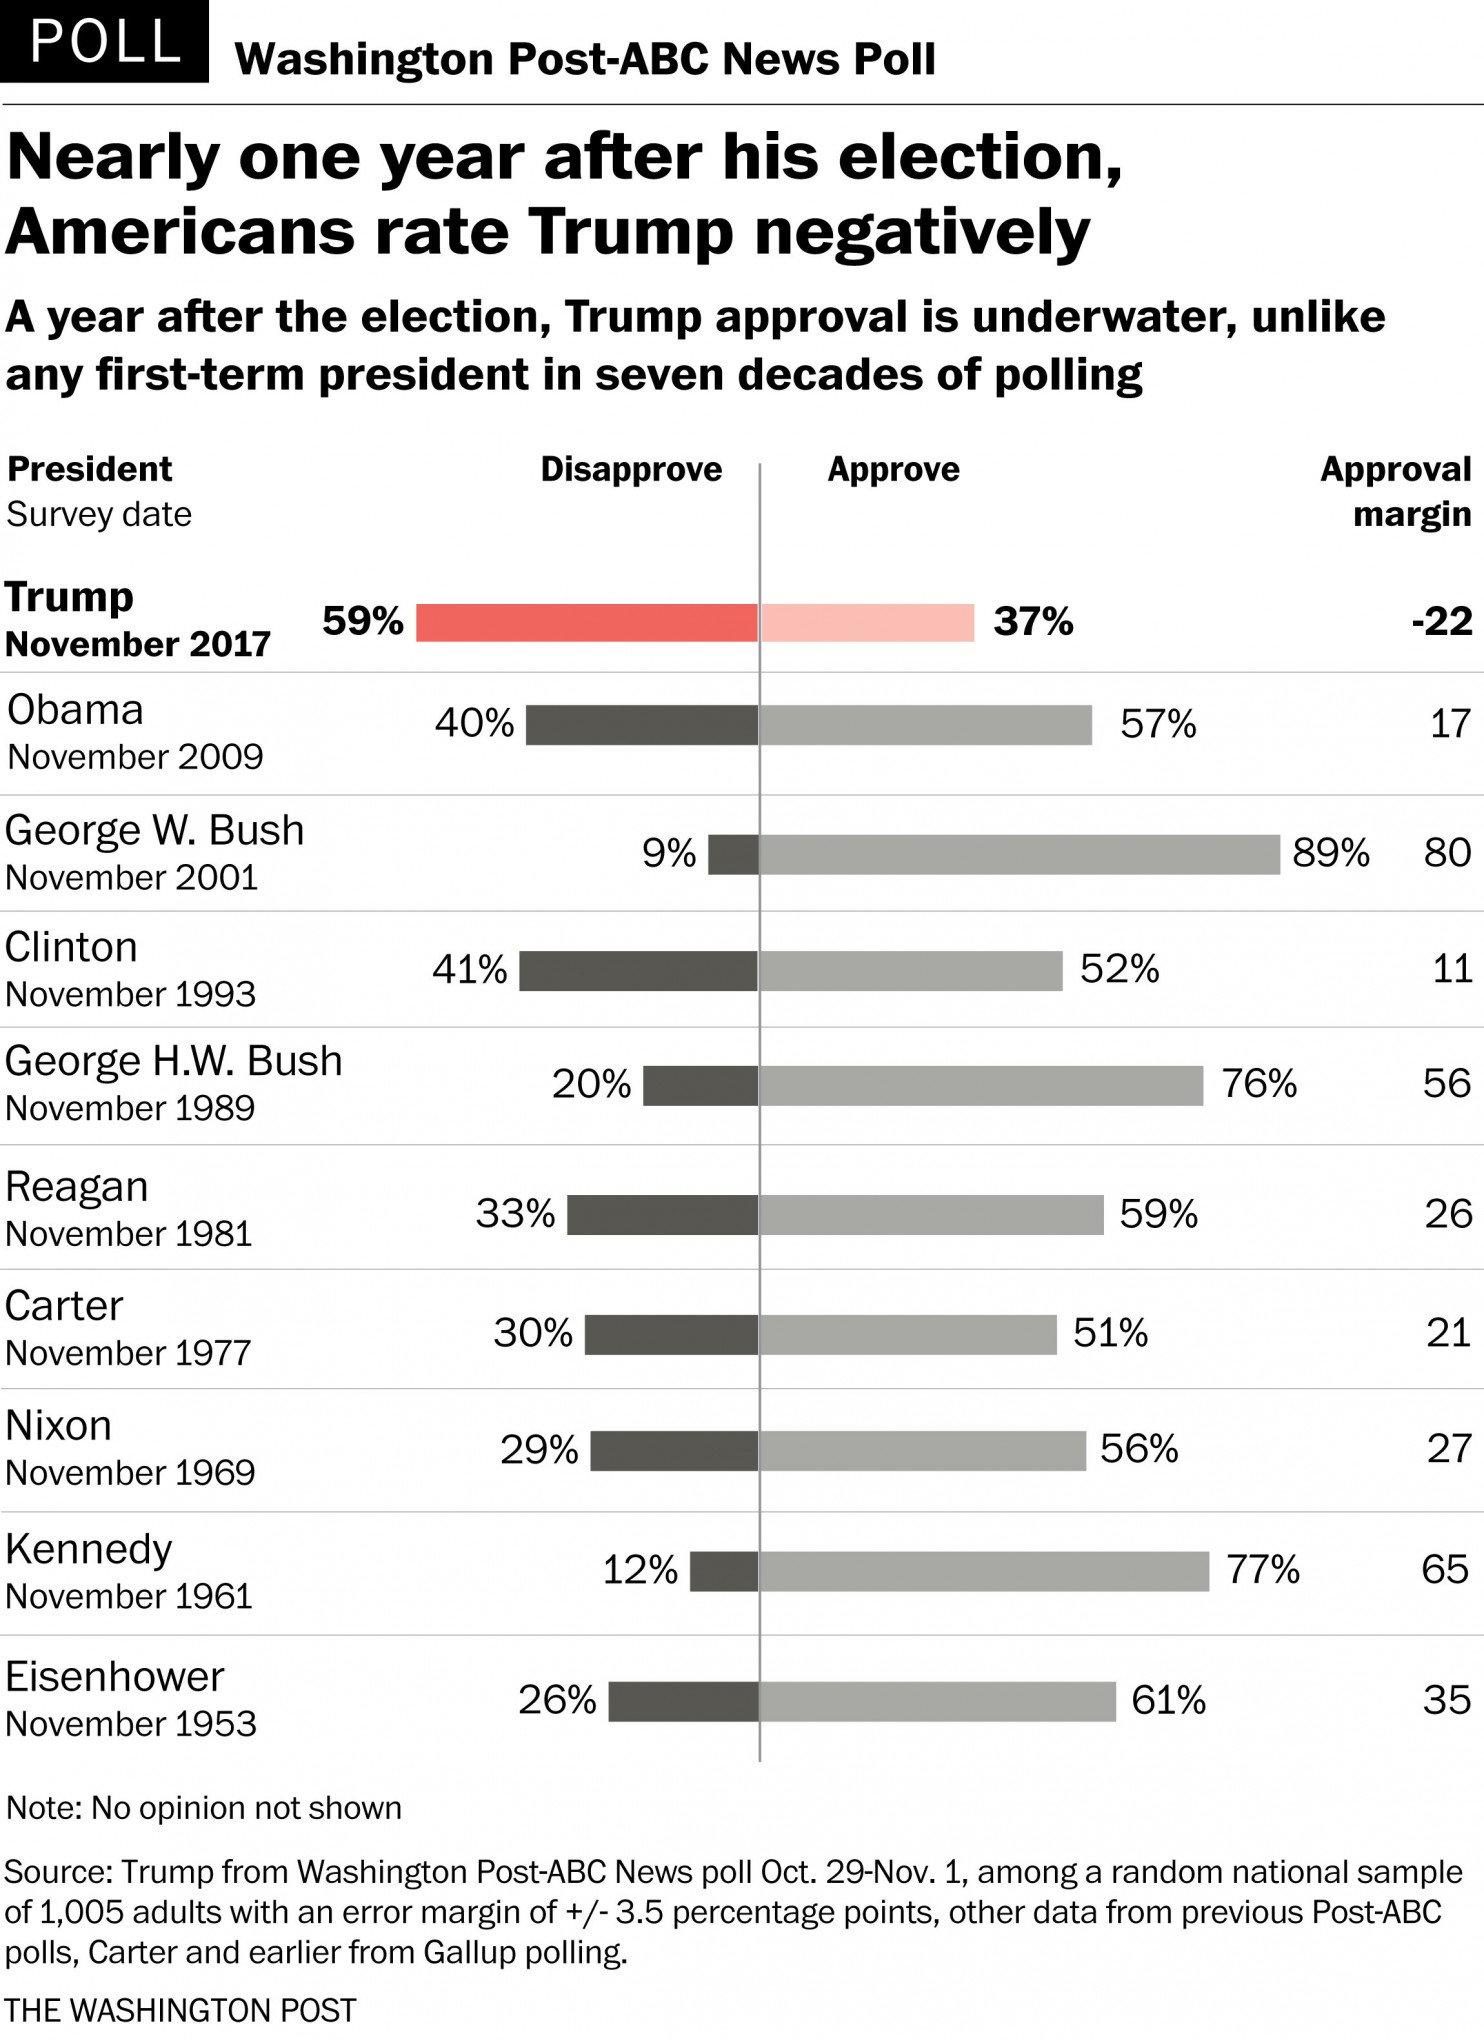 Рейтинг Трампа рекордно обвалился, — соцопрос